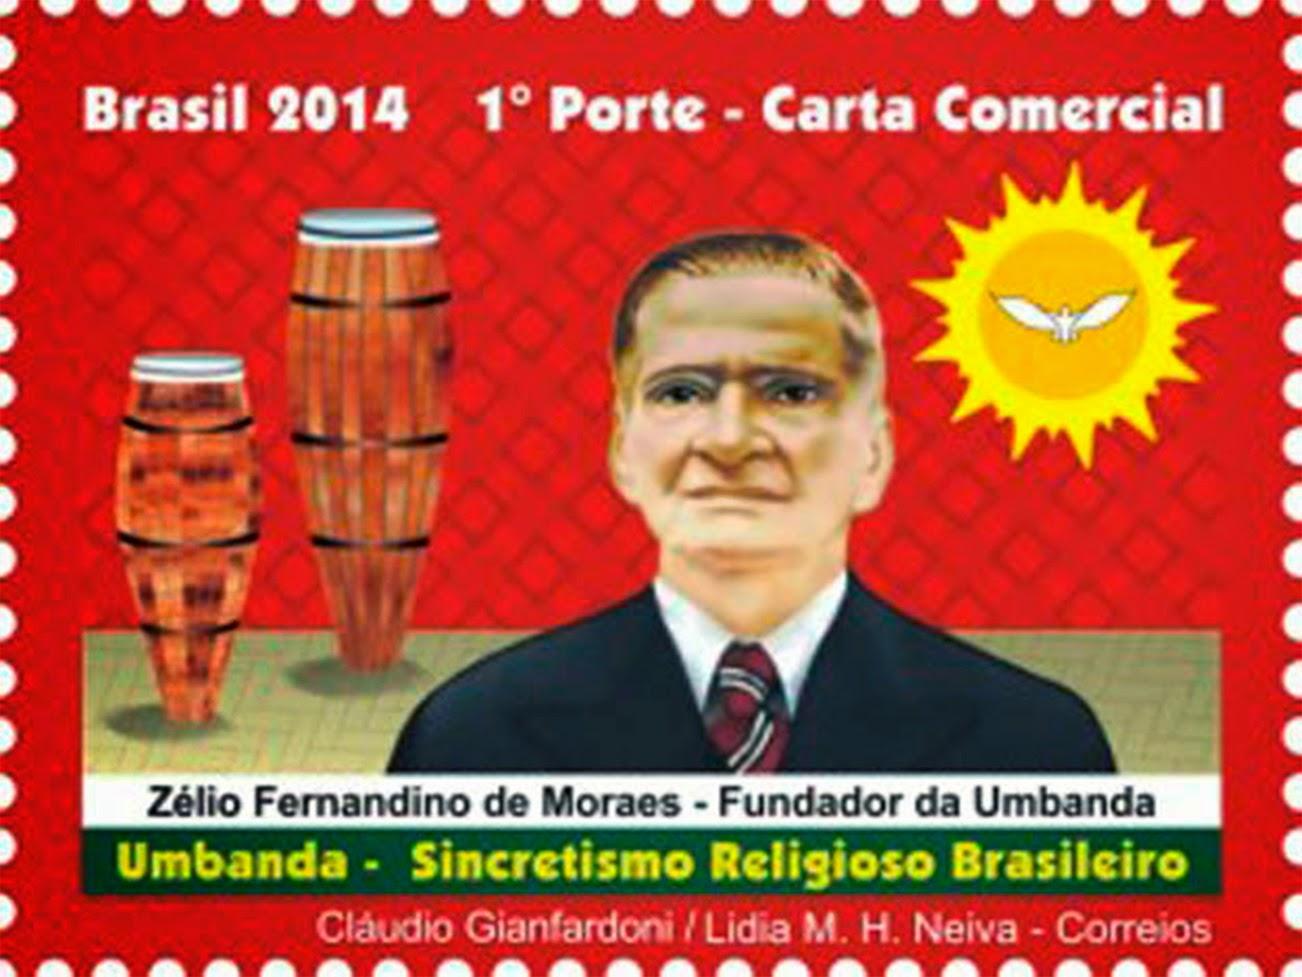 Zelio Fernandino de Morais, Atabaque, Sol, Oxalá, Espírito Santo